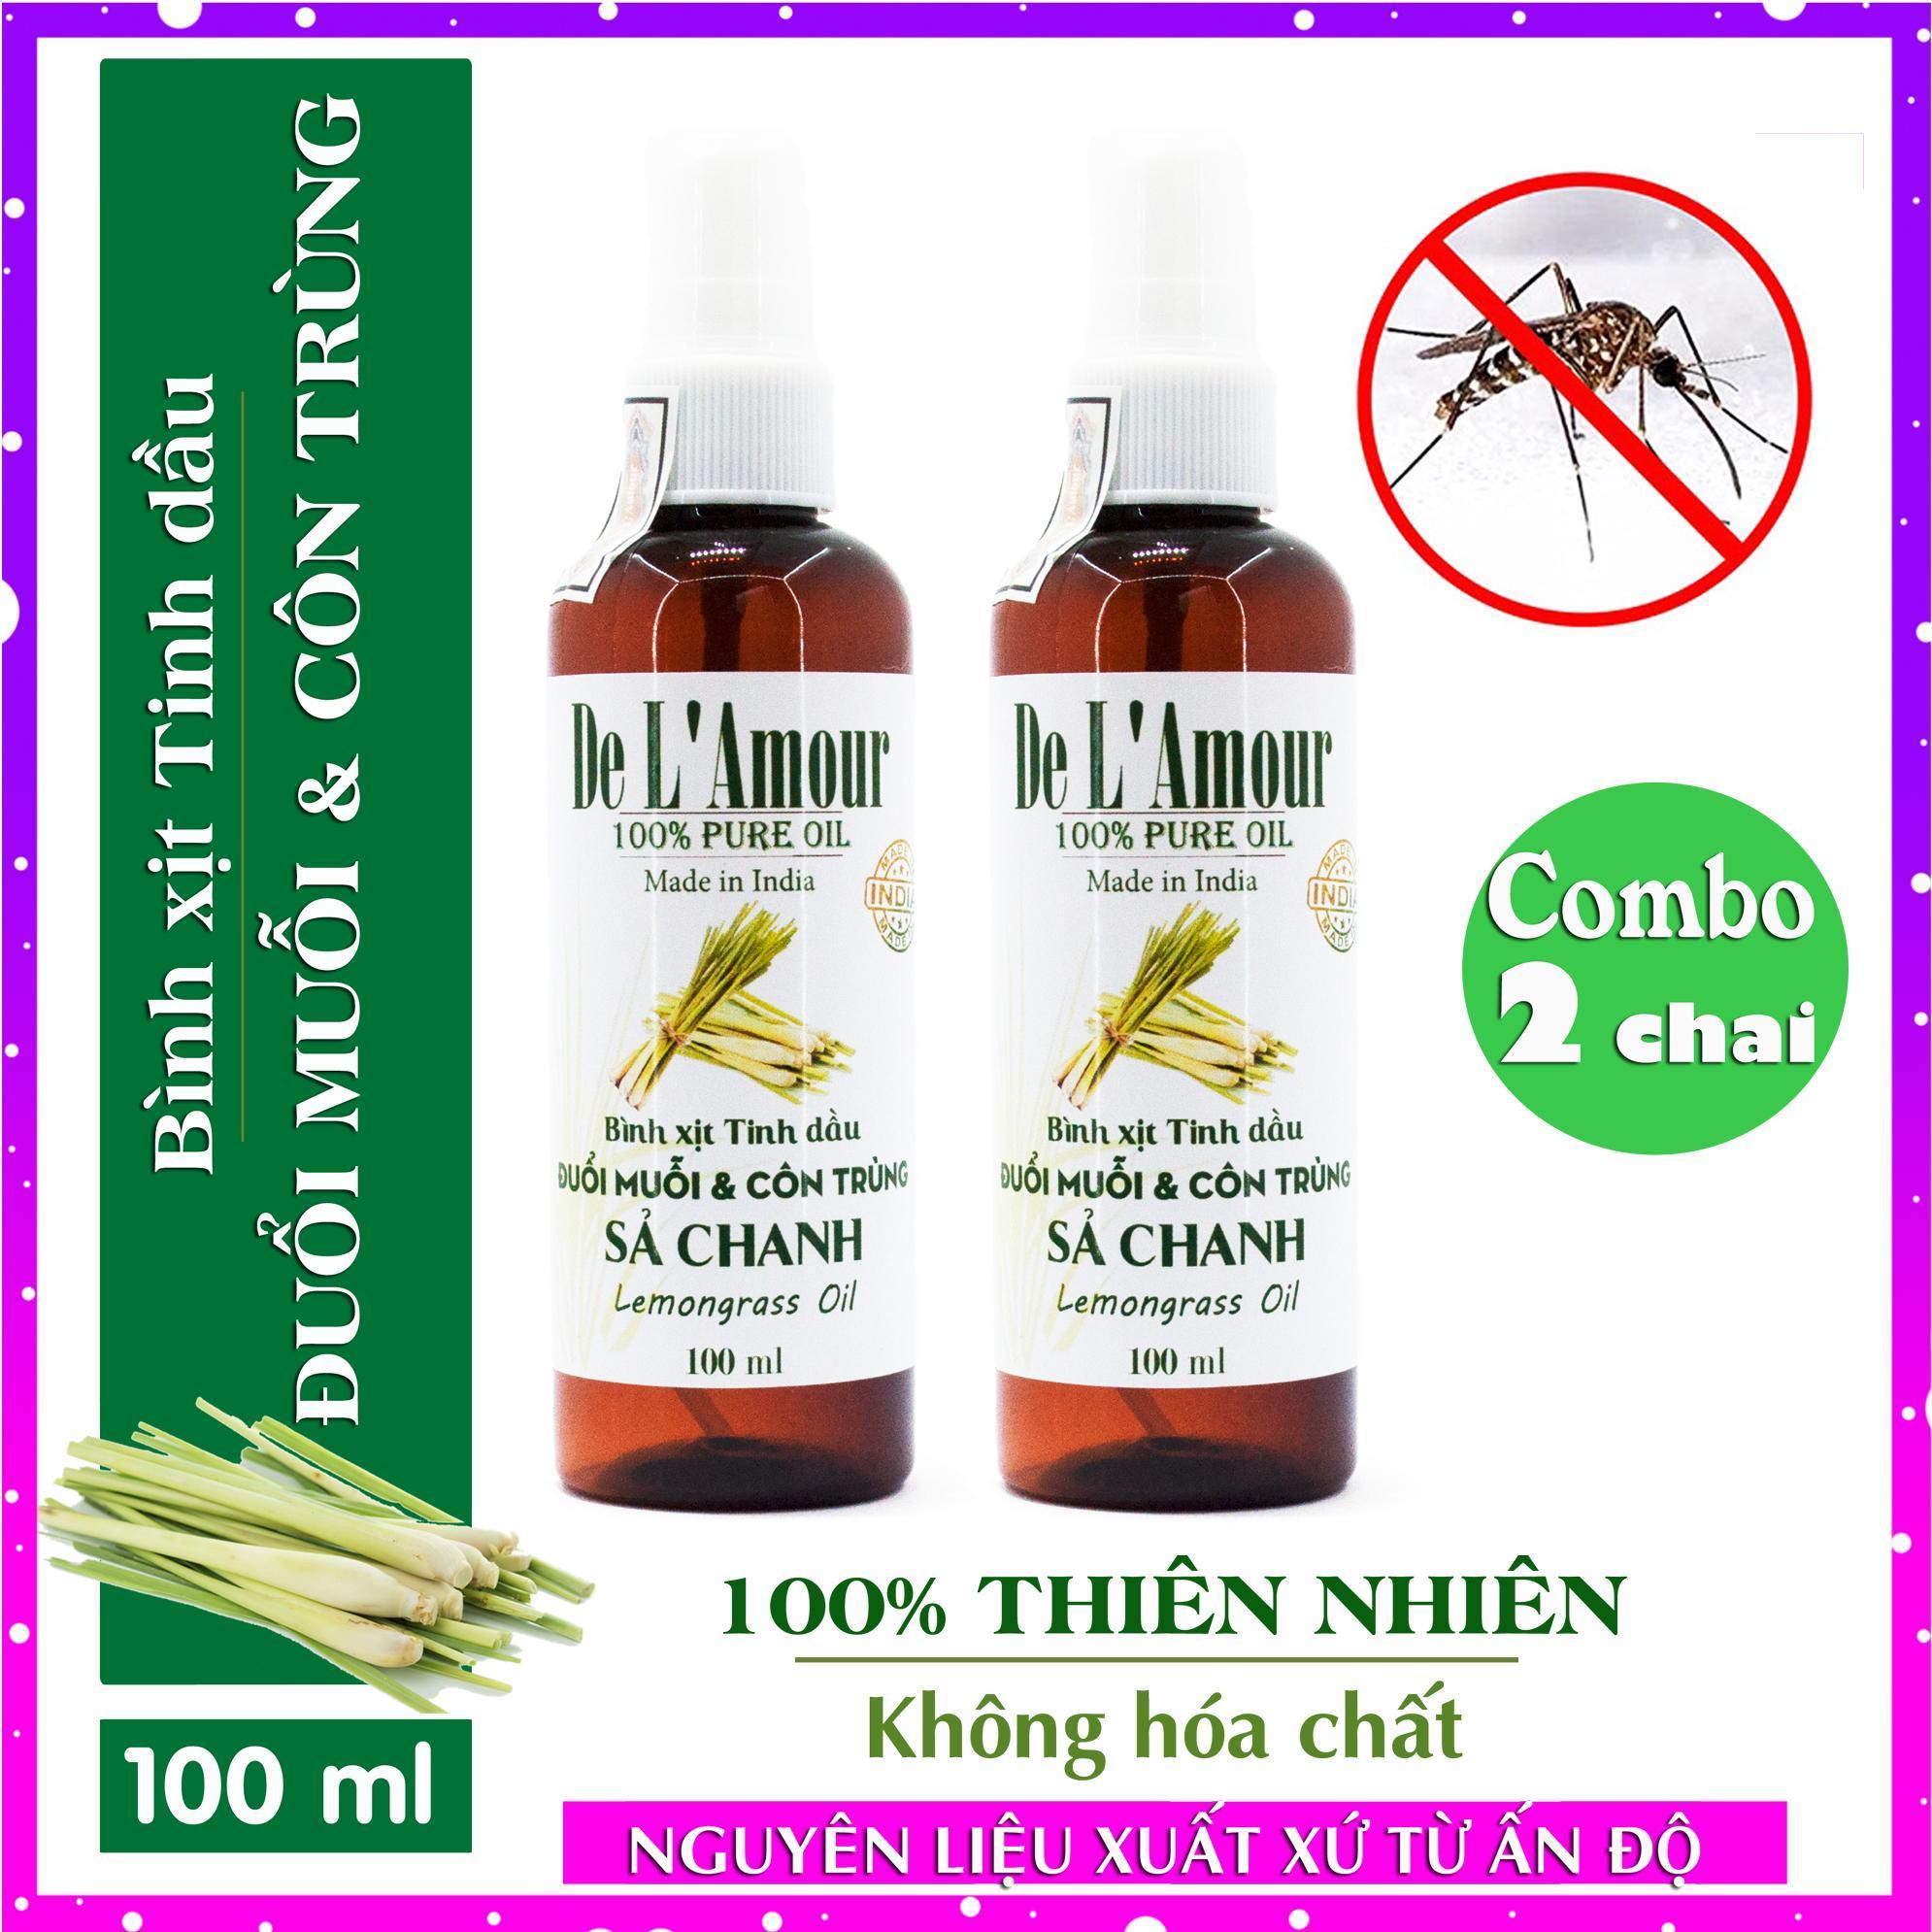 Combo 2 Bình Xịt Sả Chanh giúp Đuổi muỗi và Côn trùng De LAmour từ Tinh dầu Sả Chanh (100ml) - Ấn Độ - Maileedanang - tinh dầu đuổi muổi - xịt khử trùng thơm phòng